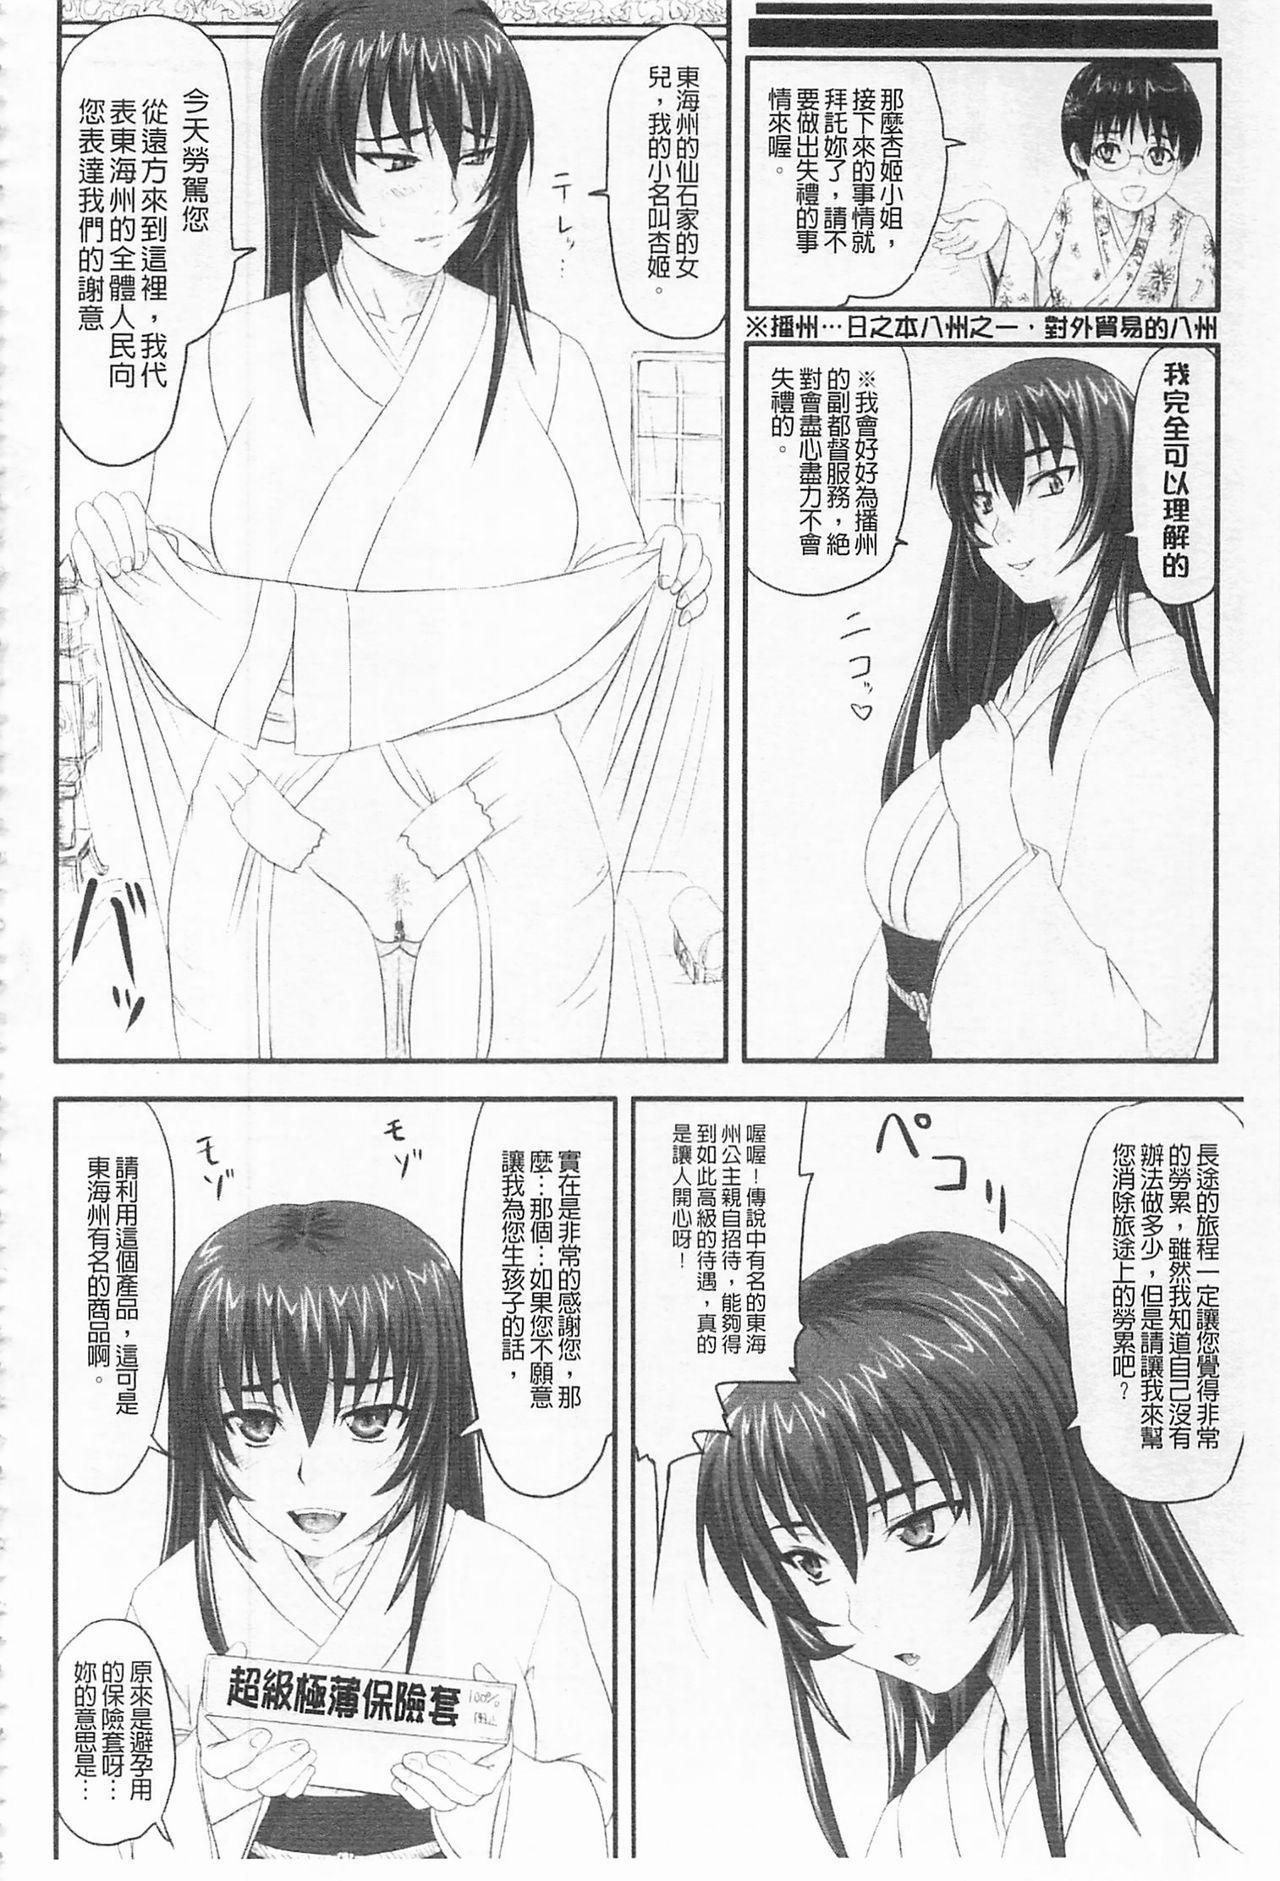 [Nozarashi Satoru] Do S na Hime wa Kegasareru -Ouhou no Shou-   超S的公主被玷汙了 ~報應之章~ [Chinese] 24